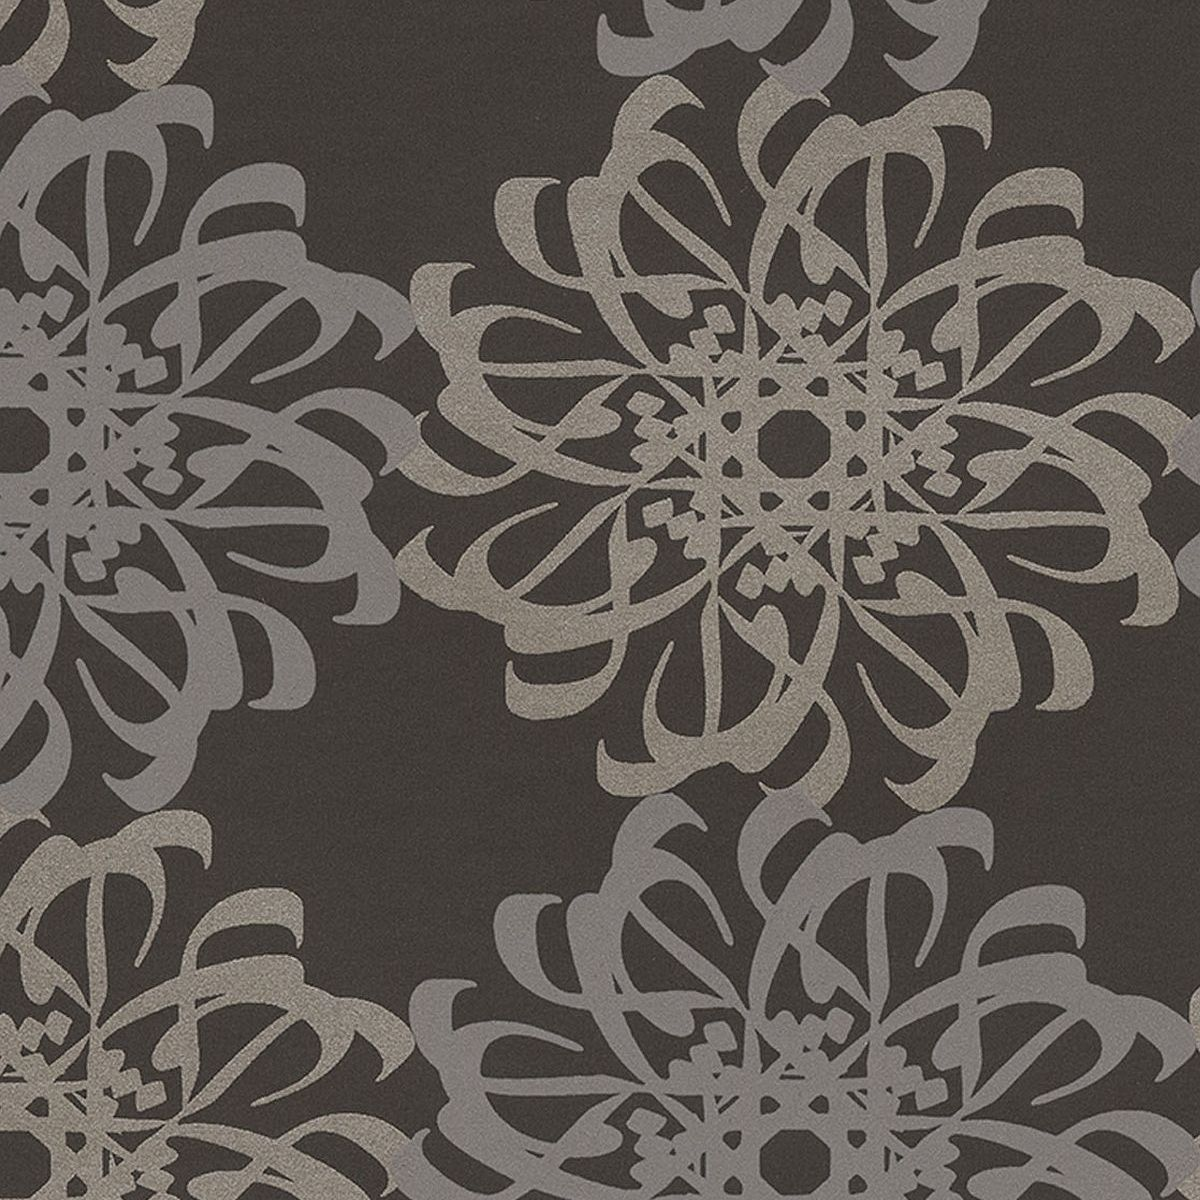 Eijjfinger Yasmin geometriai mintás barna-tóp színű orientális stílusú tapéta